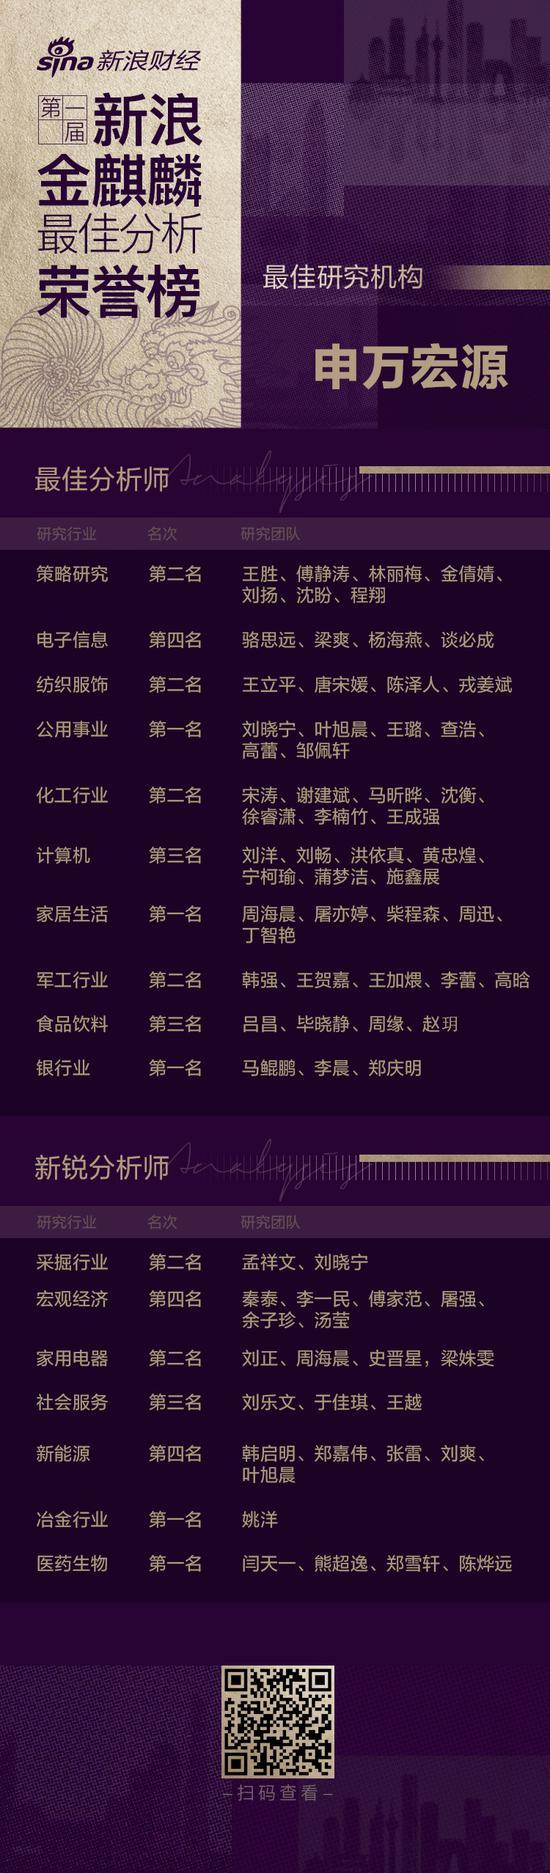 万国骗局 - 道县召开根治拖欠农民工工资工作调度会